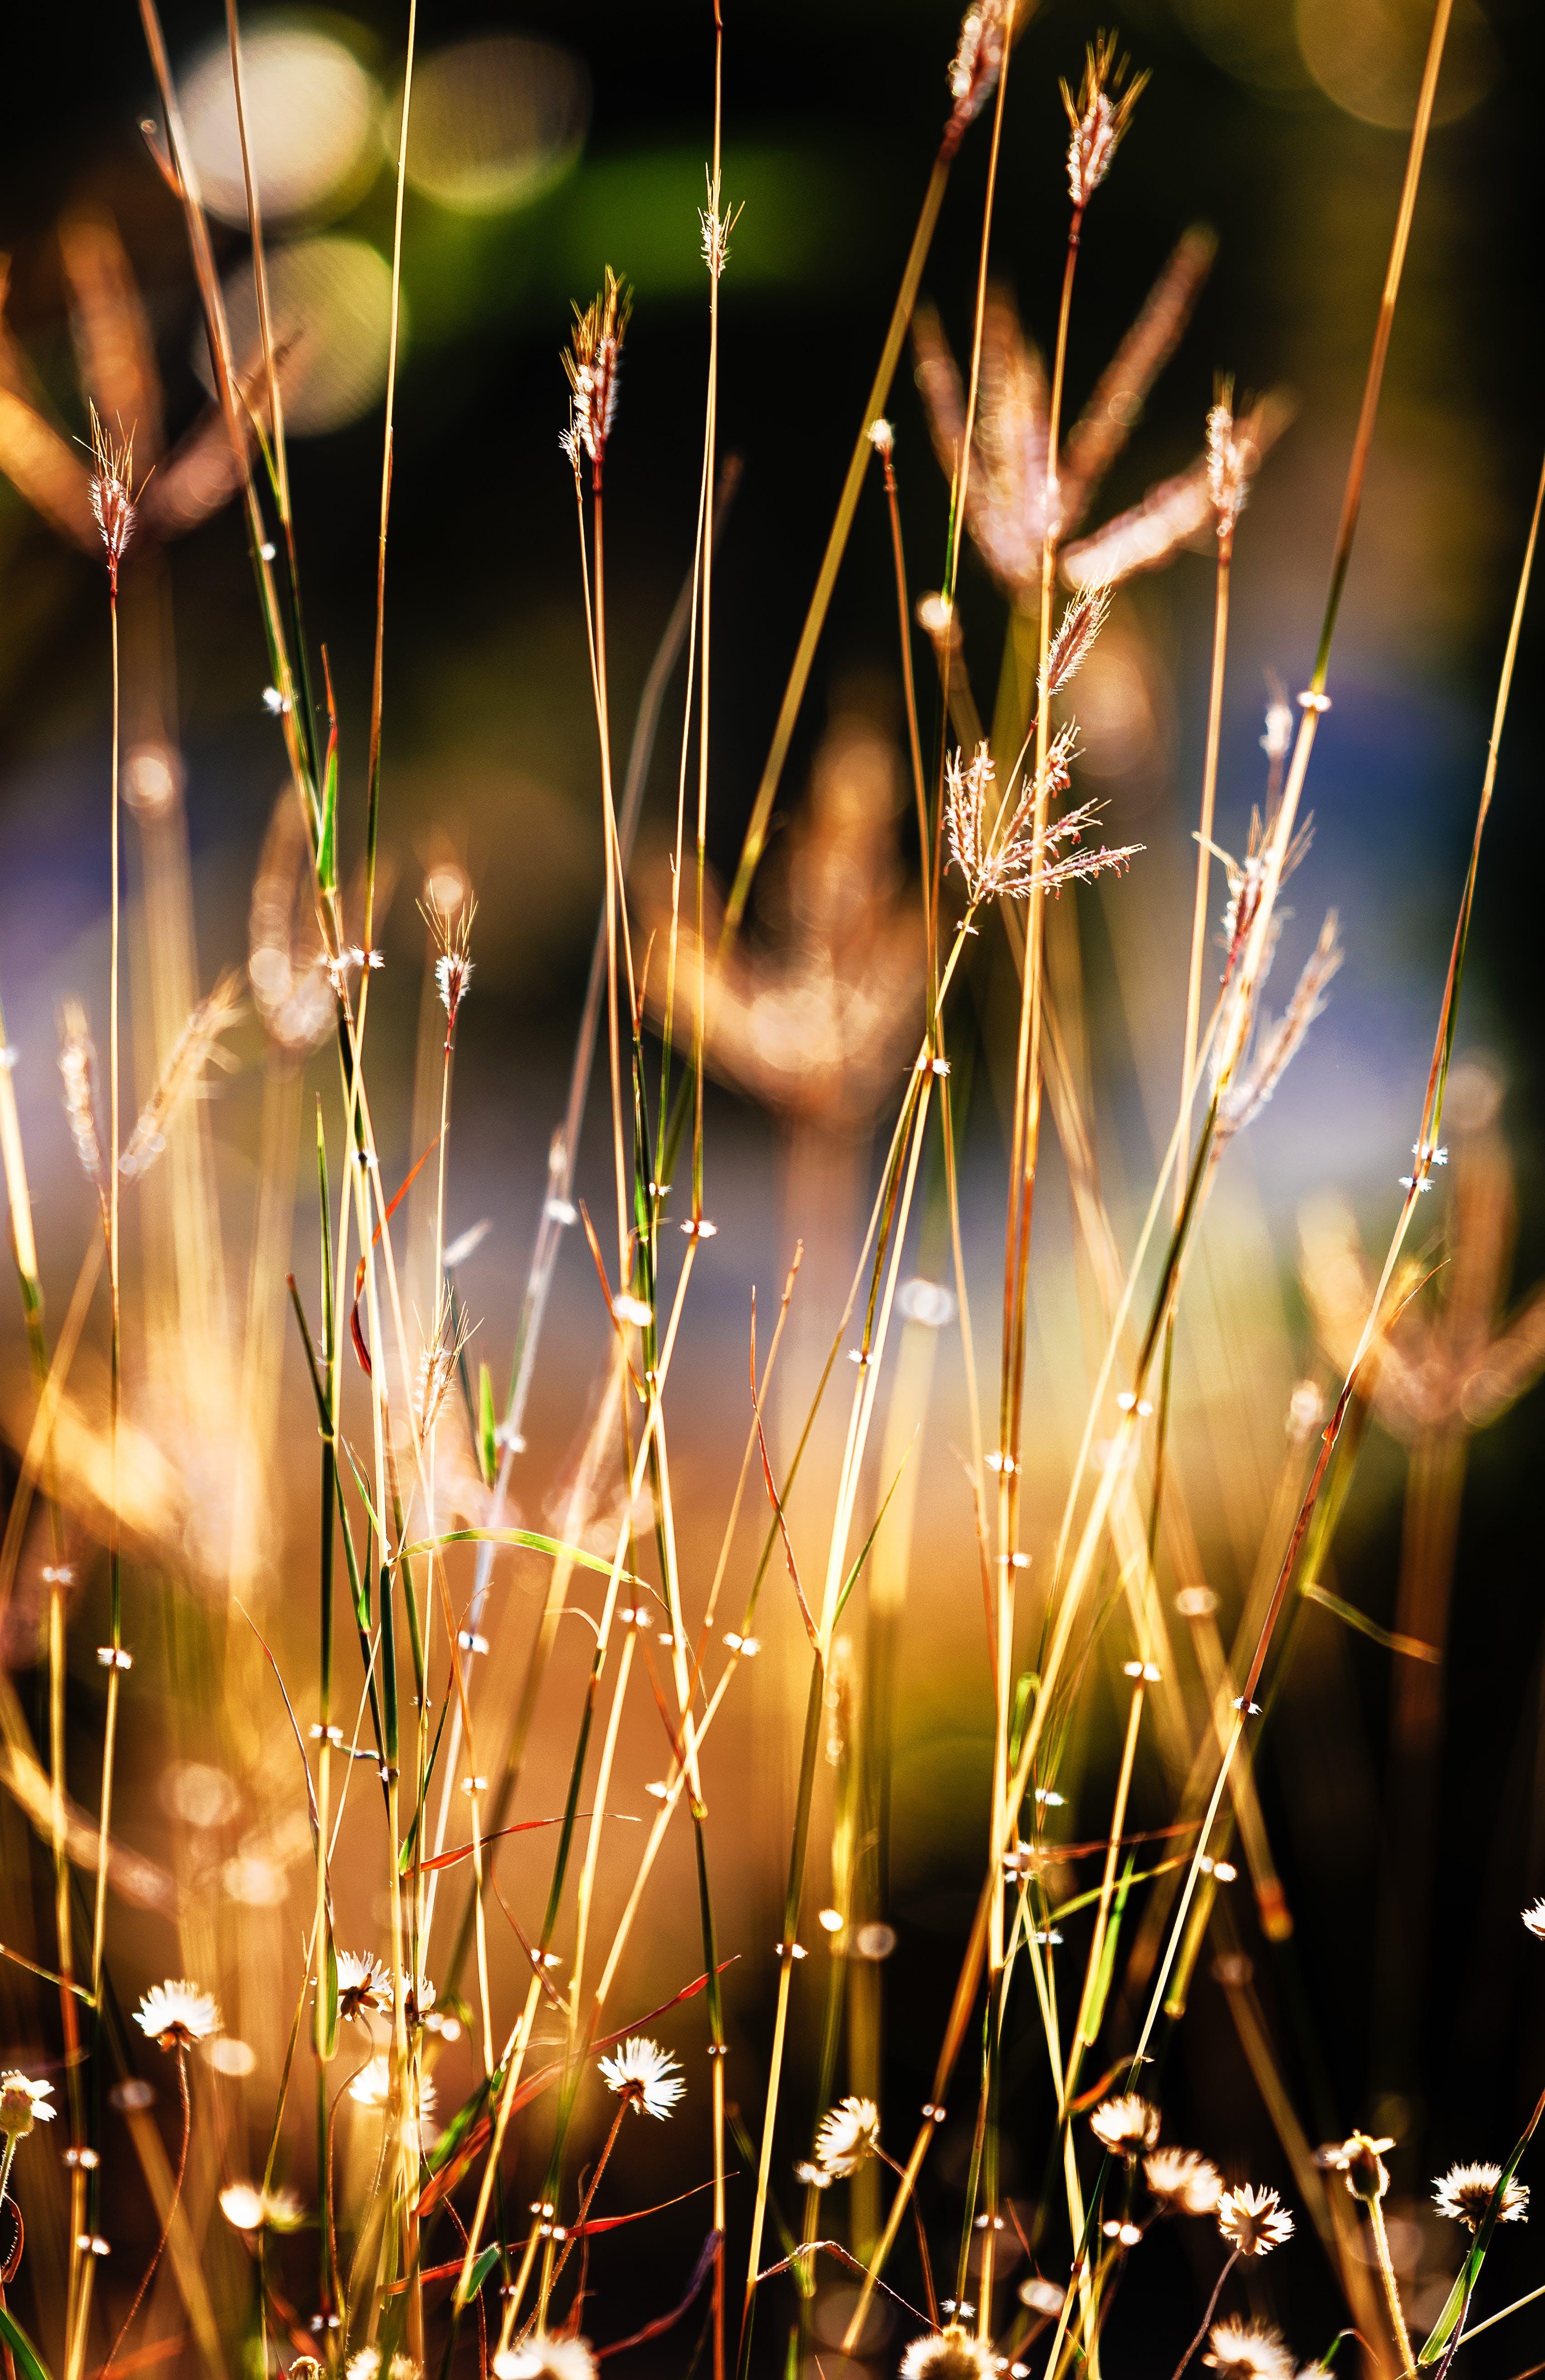 คลังภาพถ่ายฟรี ของ การเจริญเติบโต, ความชัดลึก, ดอกไม้, ทุ่งหญ้าแห้ง